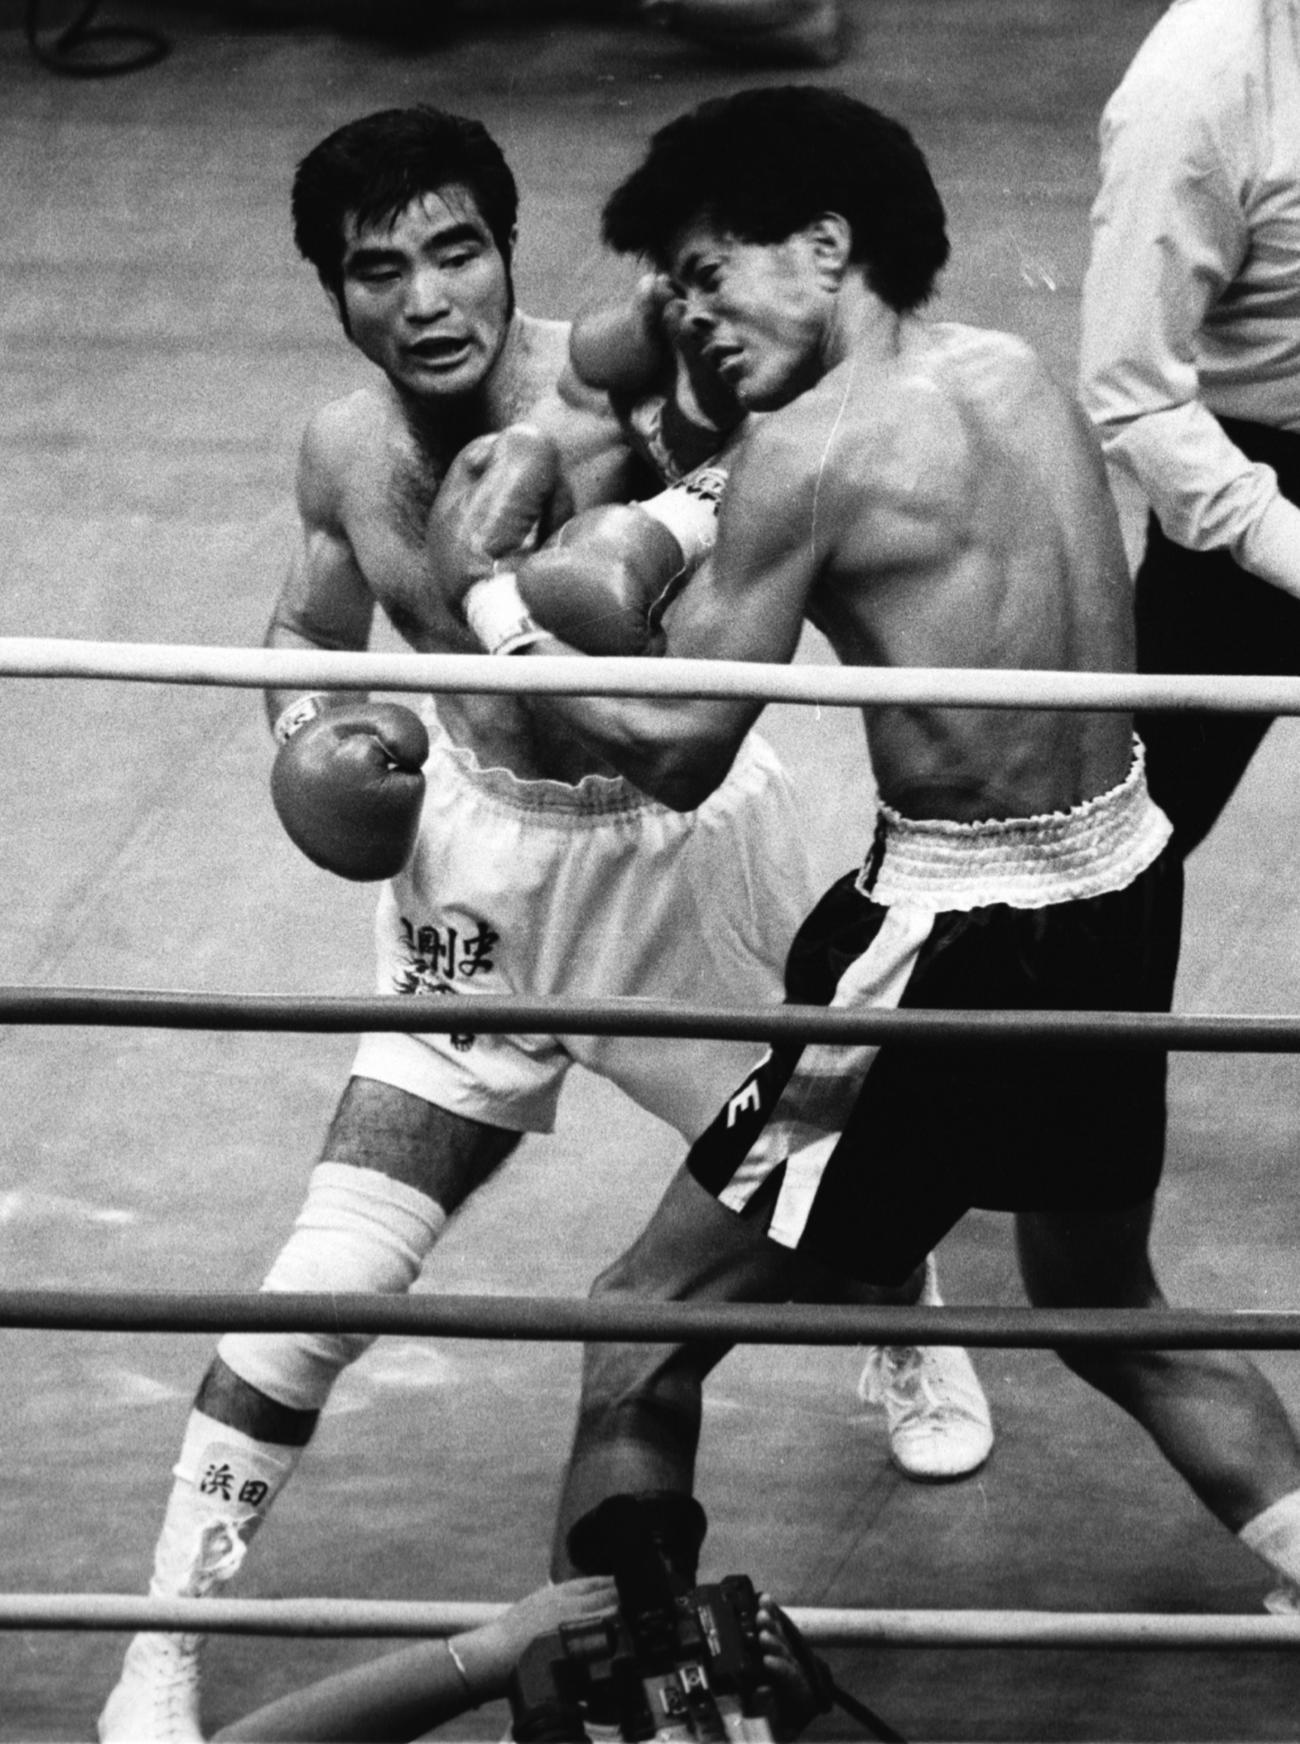 浜田剛史(左)はレネ・アルレドンドの顔面にパンチをヒットさせる(1986年7月24日撮影)